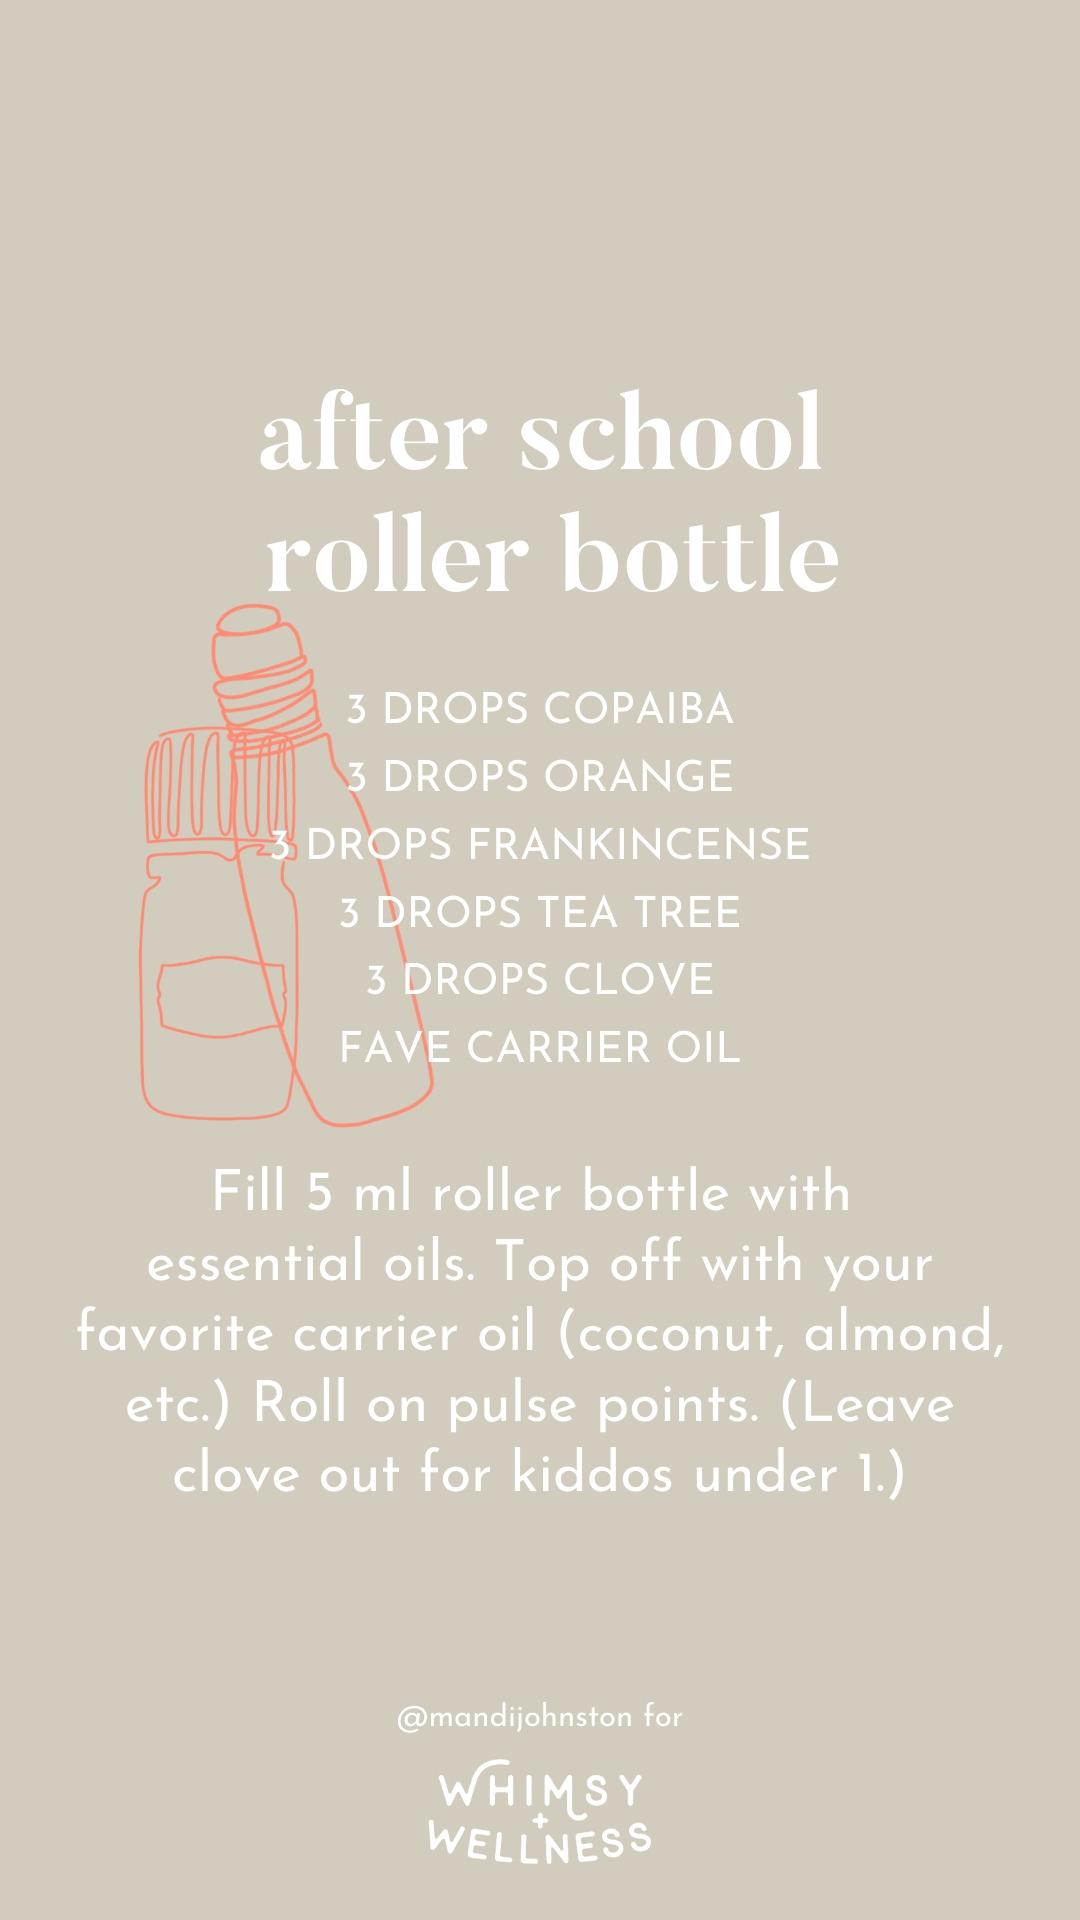 after school essential oil roller bottle mandi johnston doterra whimsy + wellness